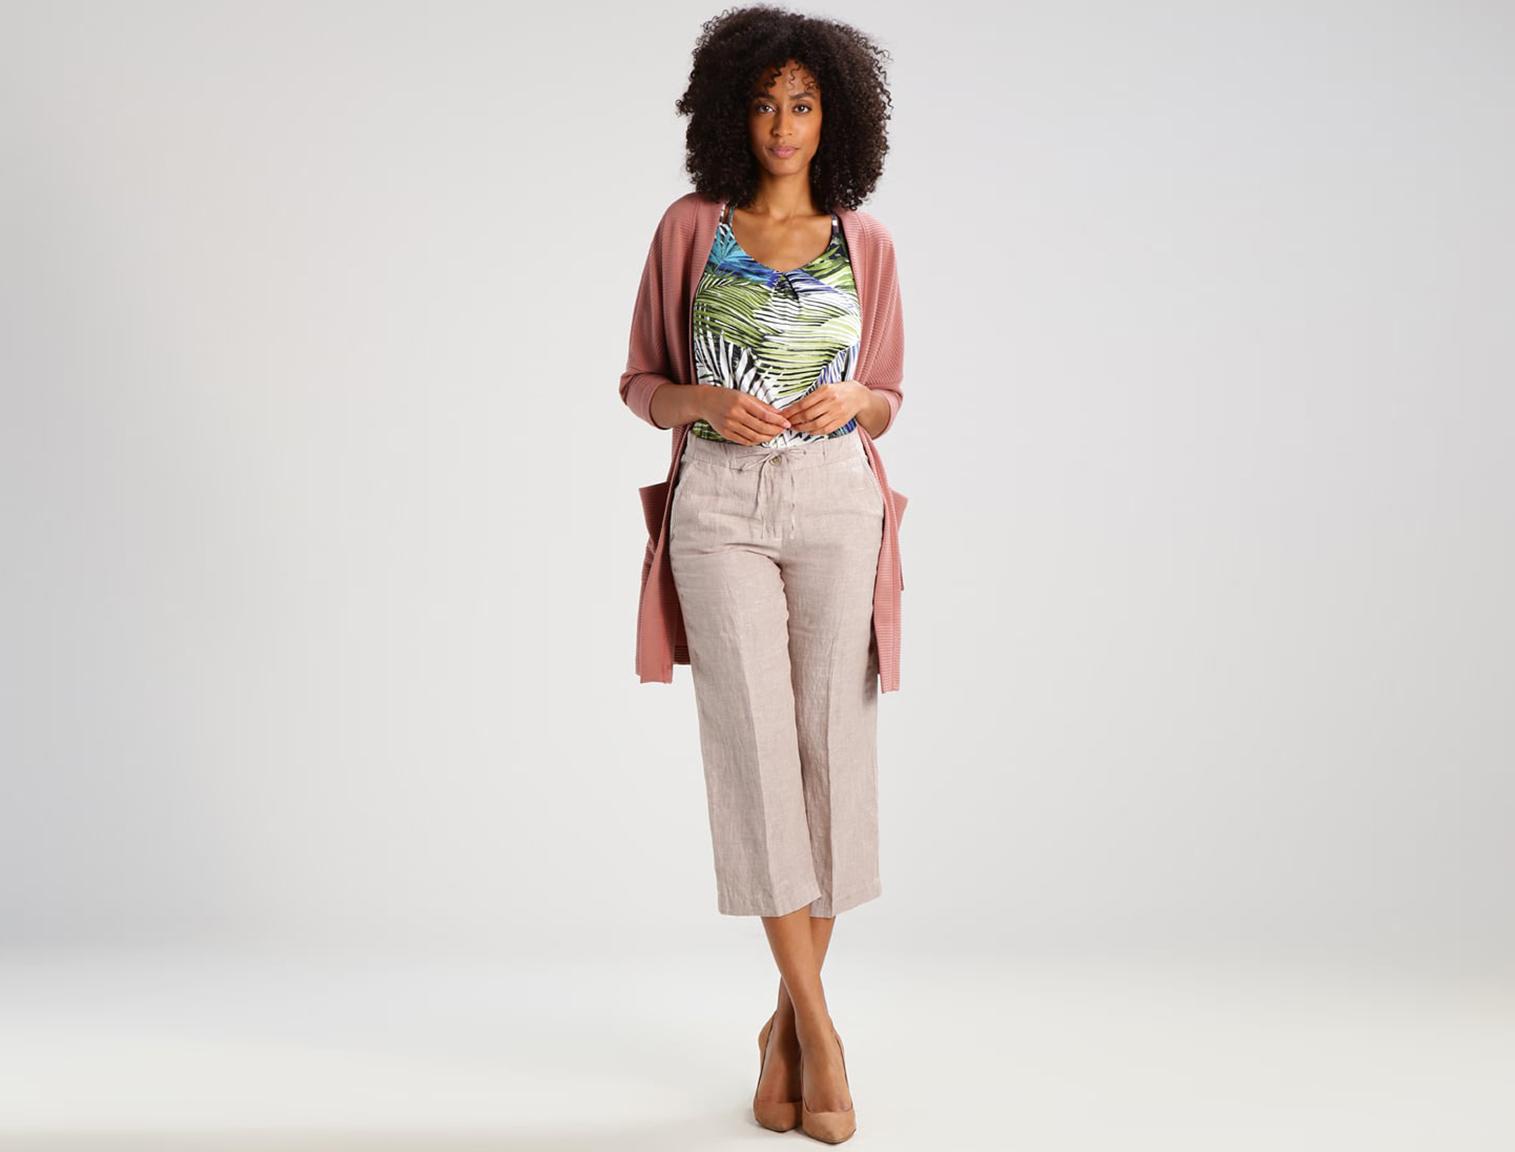 bee3ffdaeb394 Mujer con pantalones de lino beige